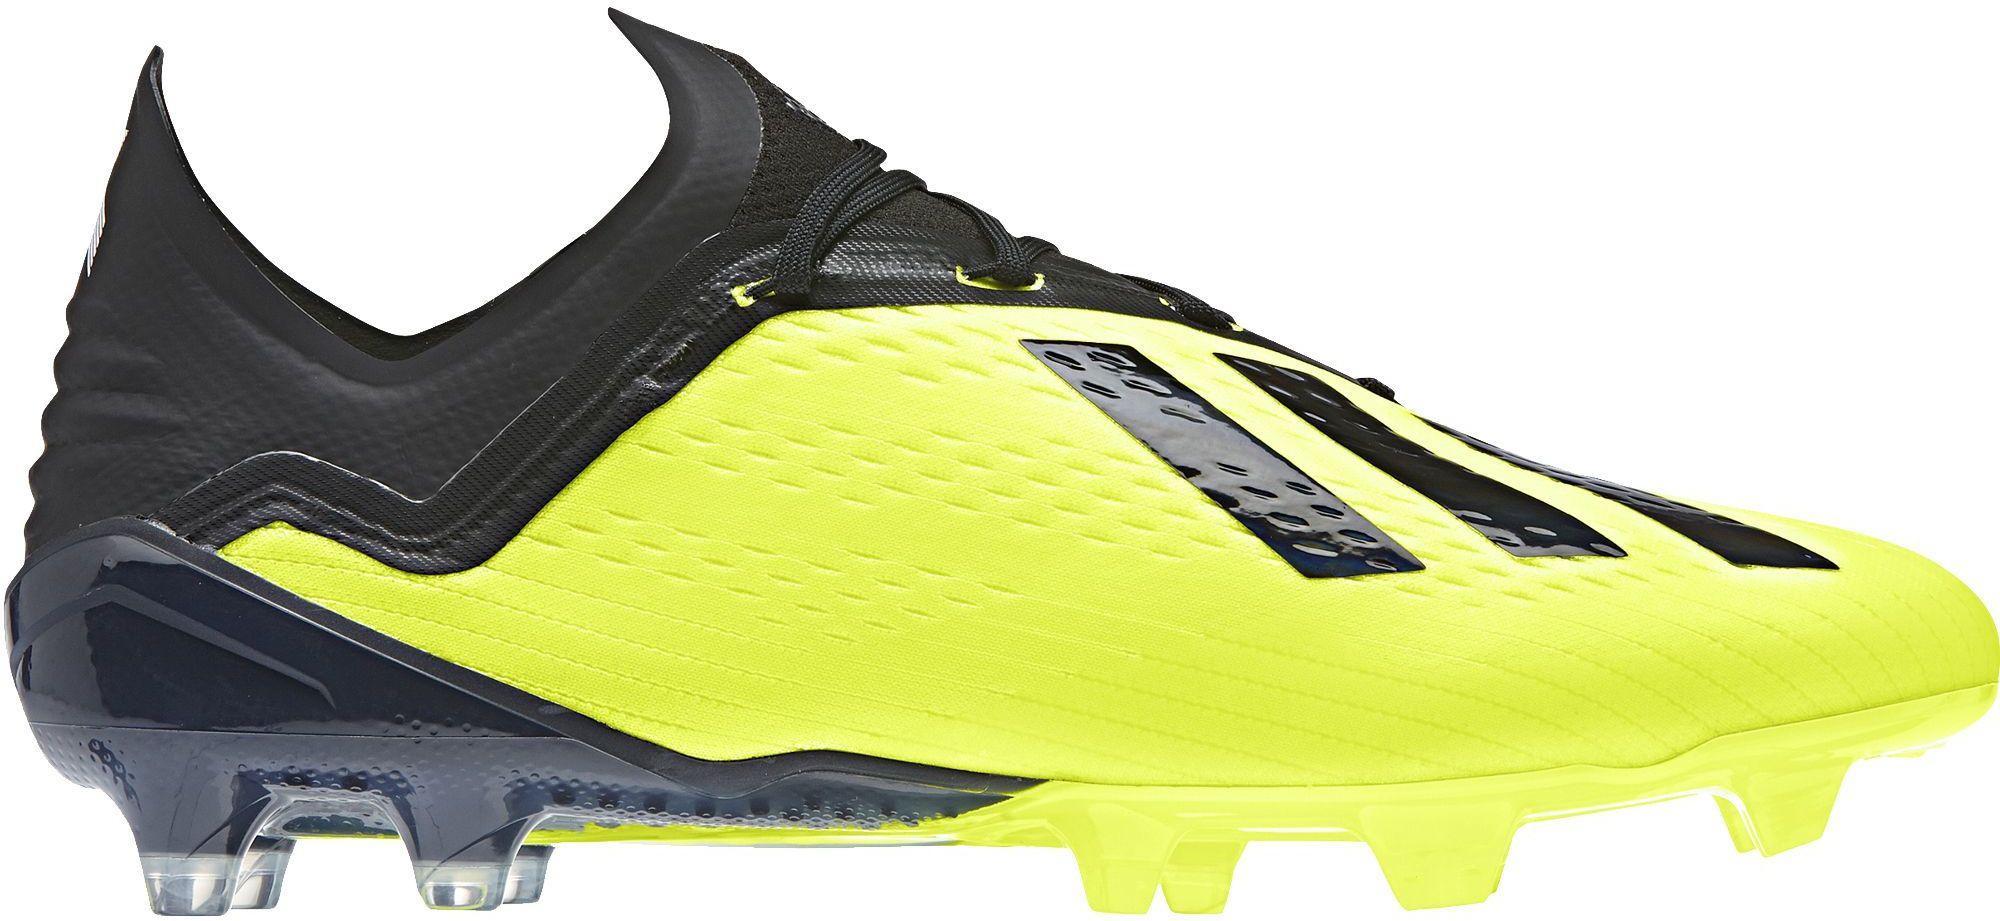 separation shoes 796ef 50fe4 Best pris på Adidas X 18.1 FG AG - Se priser før kjøp i Prisguiden